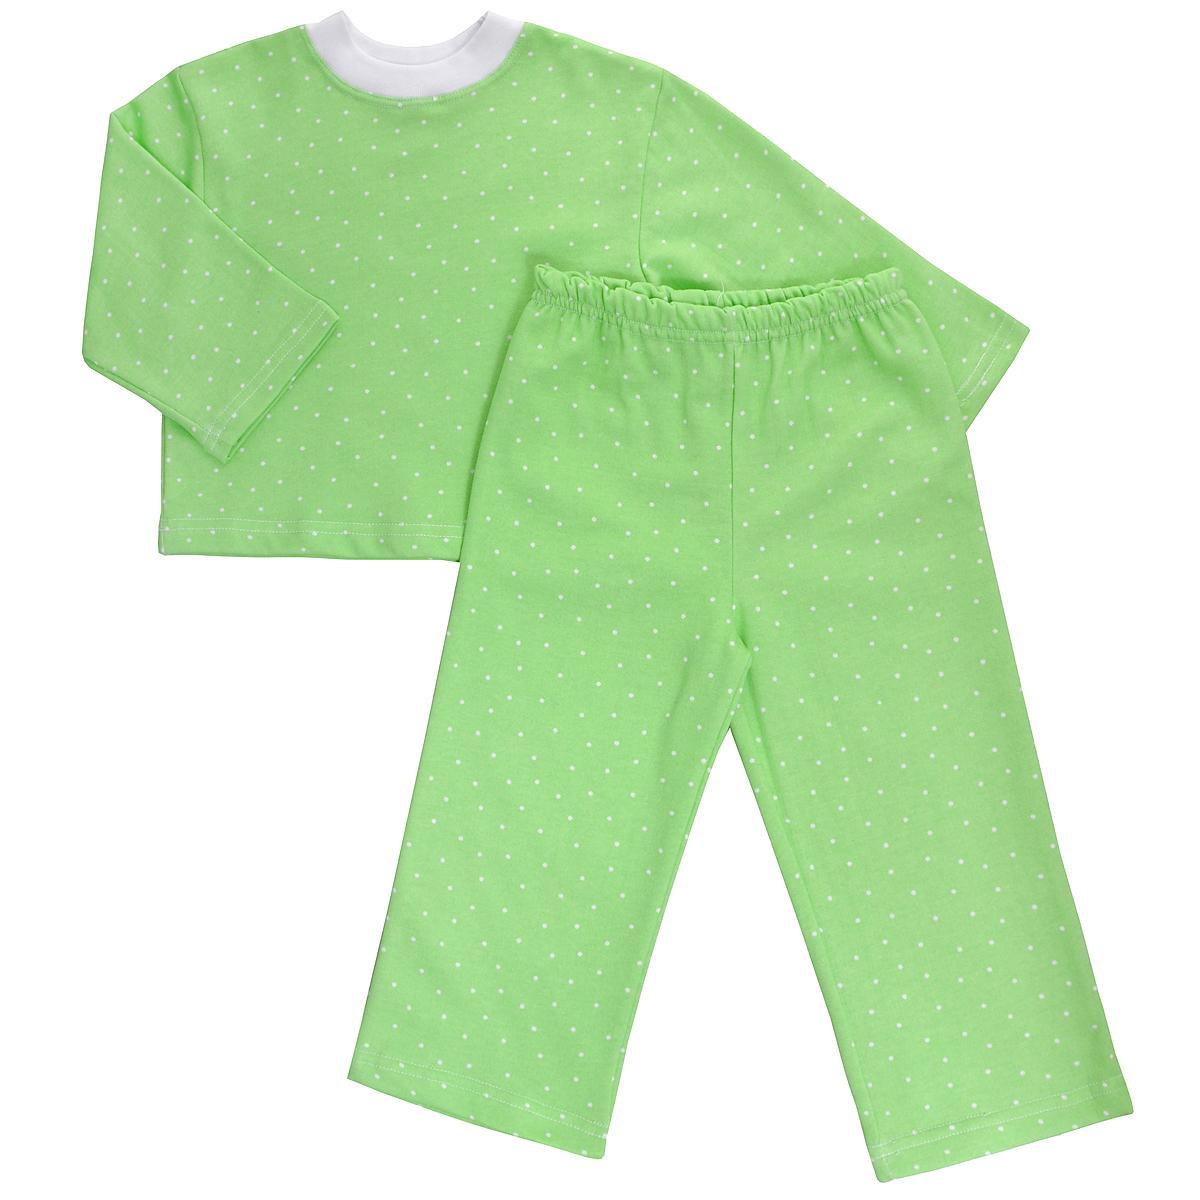 Пижама детская Трон-плюс, цвет: салатовый, белый, рисунок горох. 5553. Размер 122/128, 7-10 лет5553Яркая детская пижама Трон-плюс, состоящая из кофточки и штанишек, идеально подойдет вашему малышу и станет отличным дополнением к детскому гардеробу. Теплая пижама, изготовленная из набивного футера - натурального хлопка, необычайно мягкая и легкая, не сковывает движения ребенка, позволяет коже дышать и не раздражает даже самую нежную и чувствительную кожу малыша. Кофта с длинными рукавами имеет круглый вырез горловины. Штанишки на удобной резинке не сдавливают животик ребенка и не сползают.В такой пижаме ваш ребенок будет чувствовать себя комфортно и уютно во время сна.